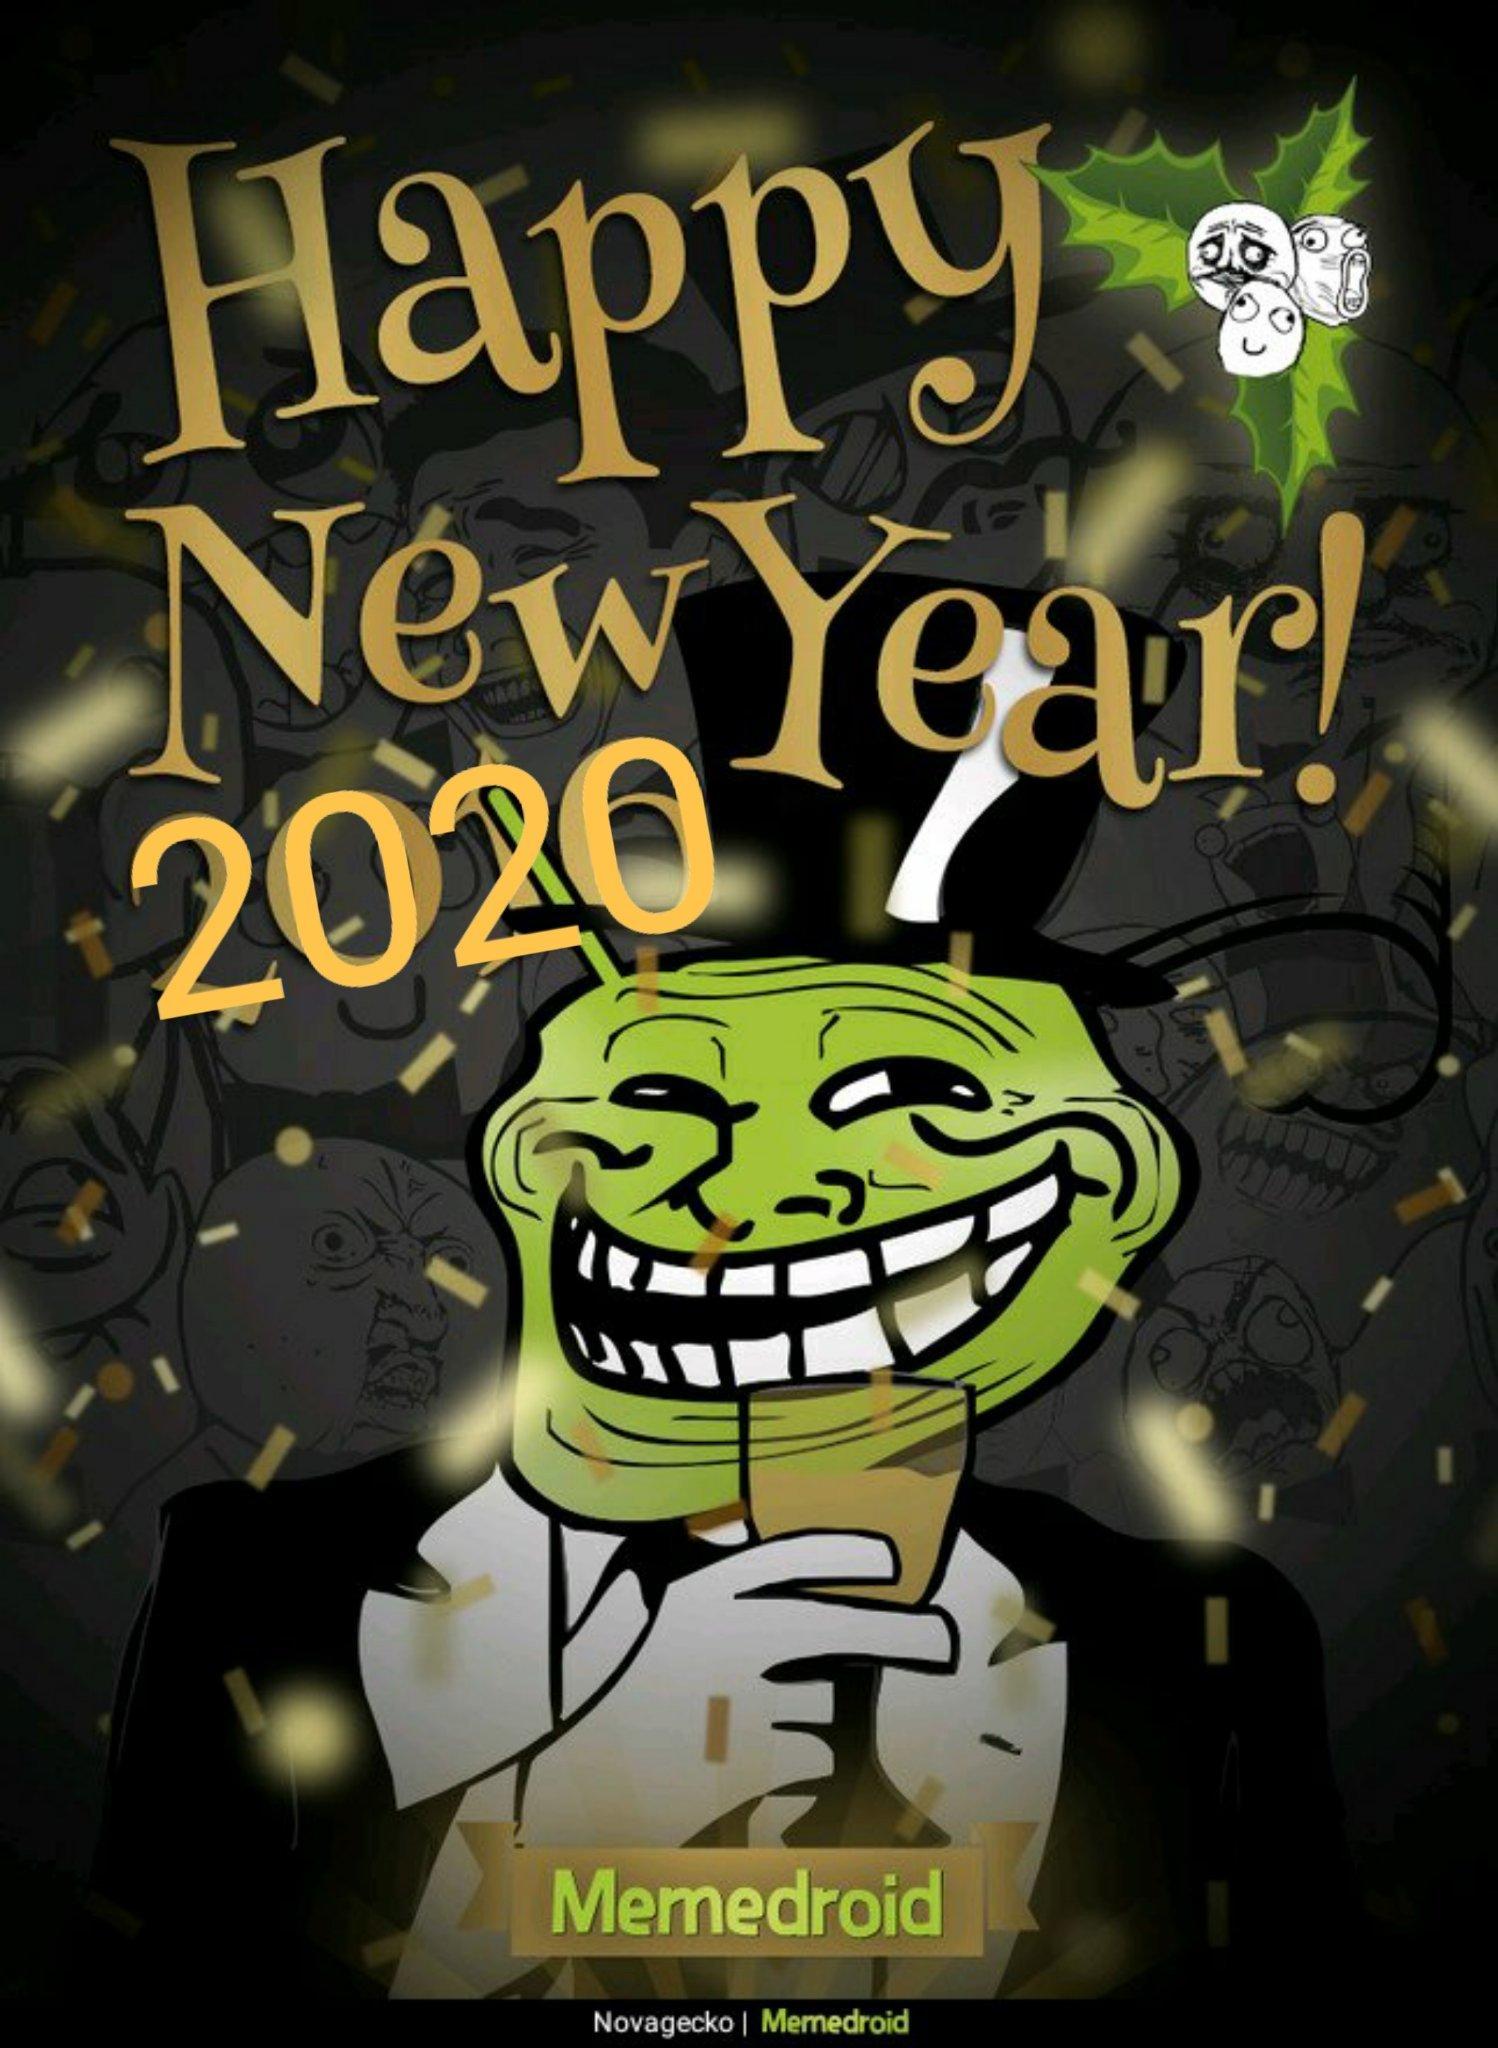 Bonne année memedroid